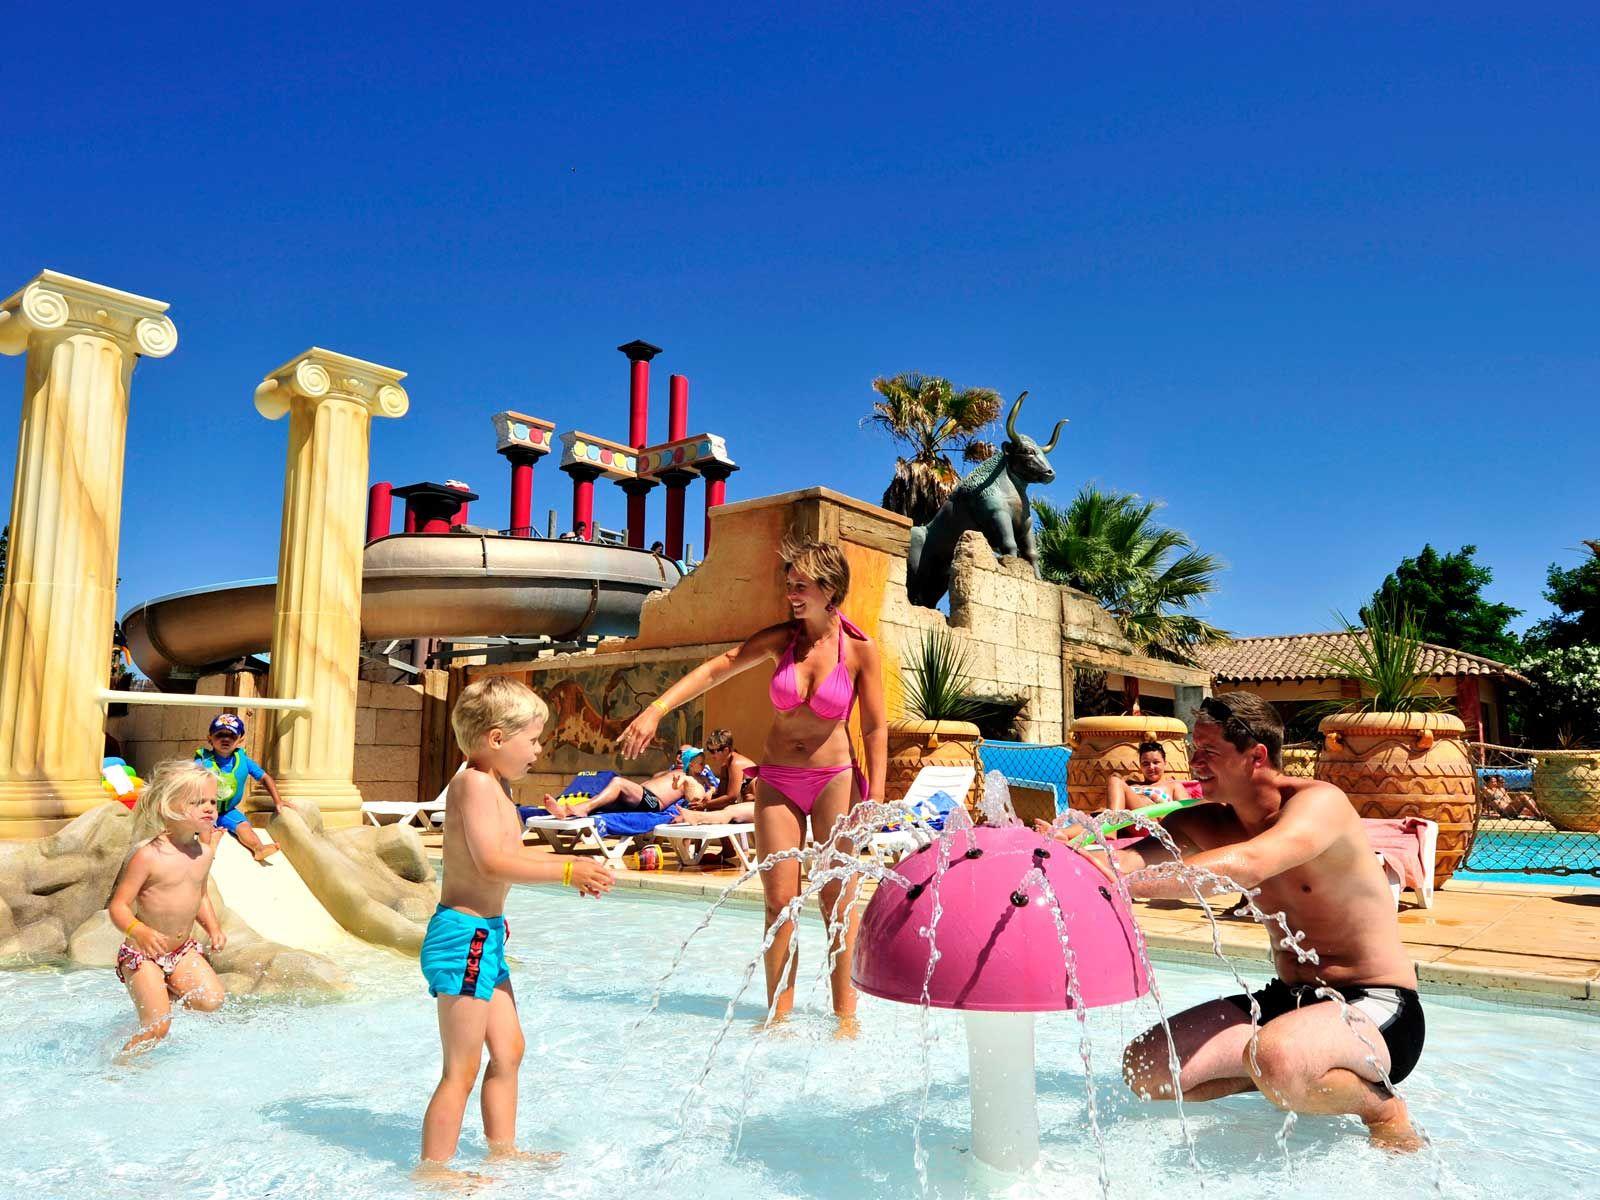 Yelloh Village Mer Et Soleil Parc Aquatique Avec Toboggans Spa Balneo De 650m A 1km Des Plages Du Cap D Agde Mer Et Soleil Camping Mer Et Soleil Camping